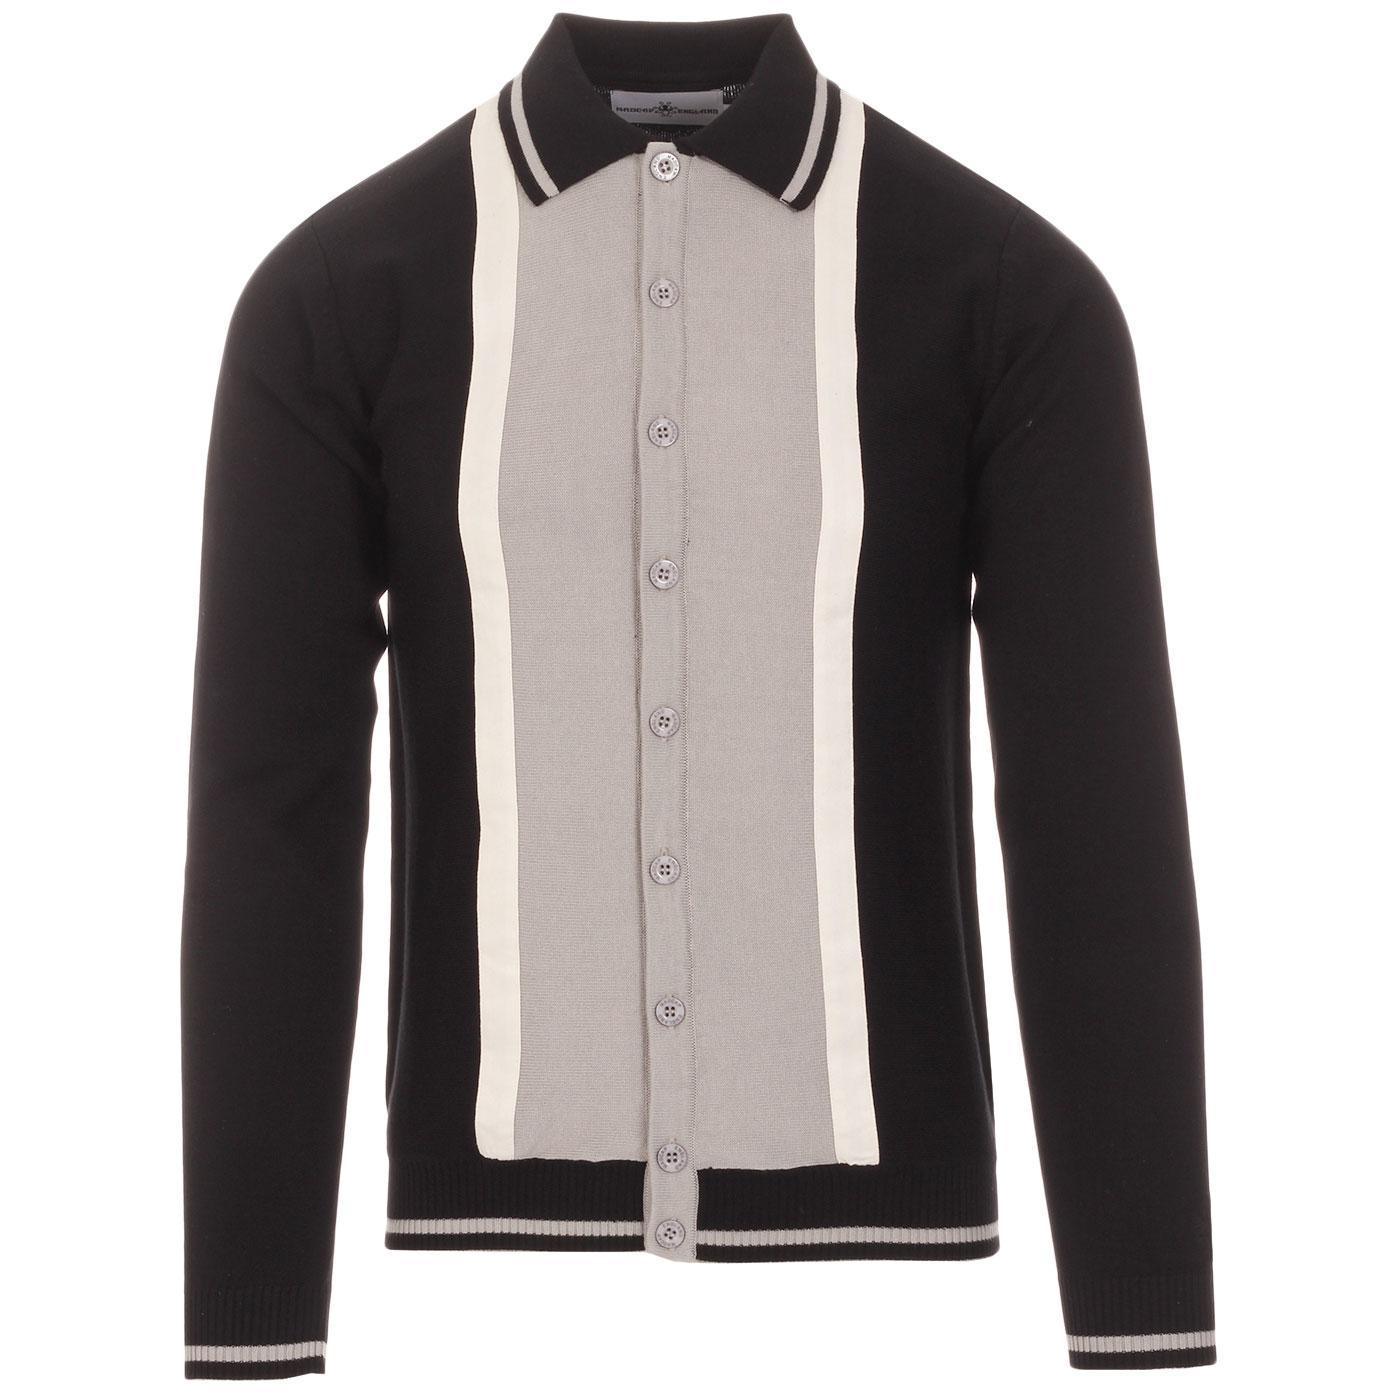 Marriott Suede MADCAP ENGLAND Mod Polo Cardigan B